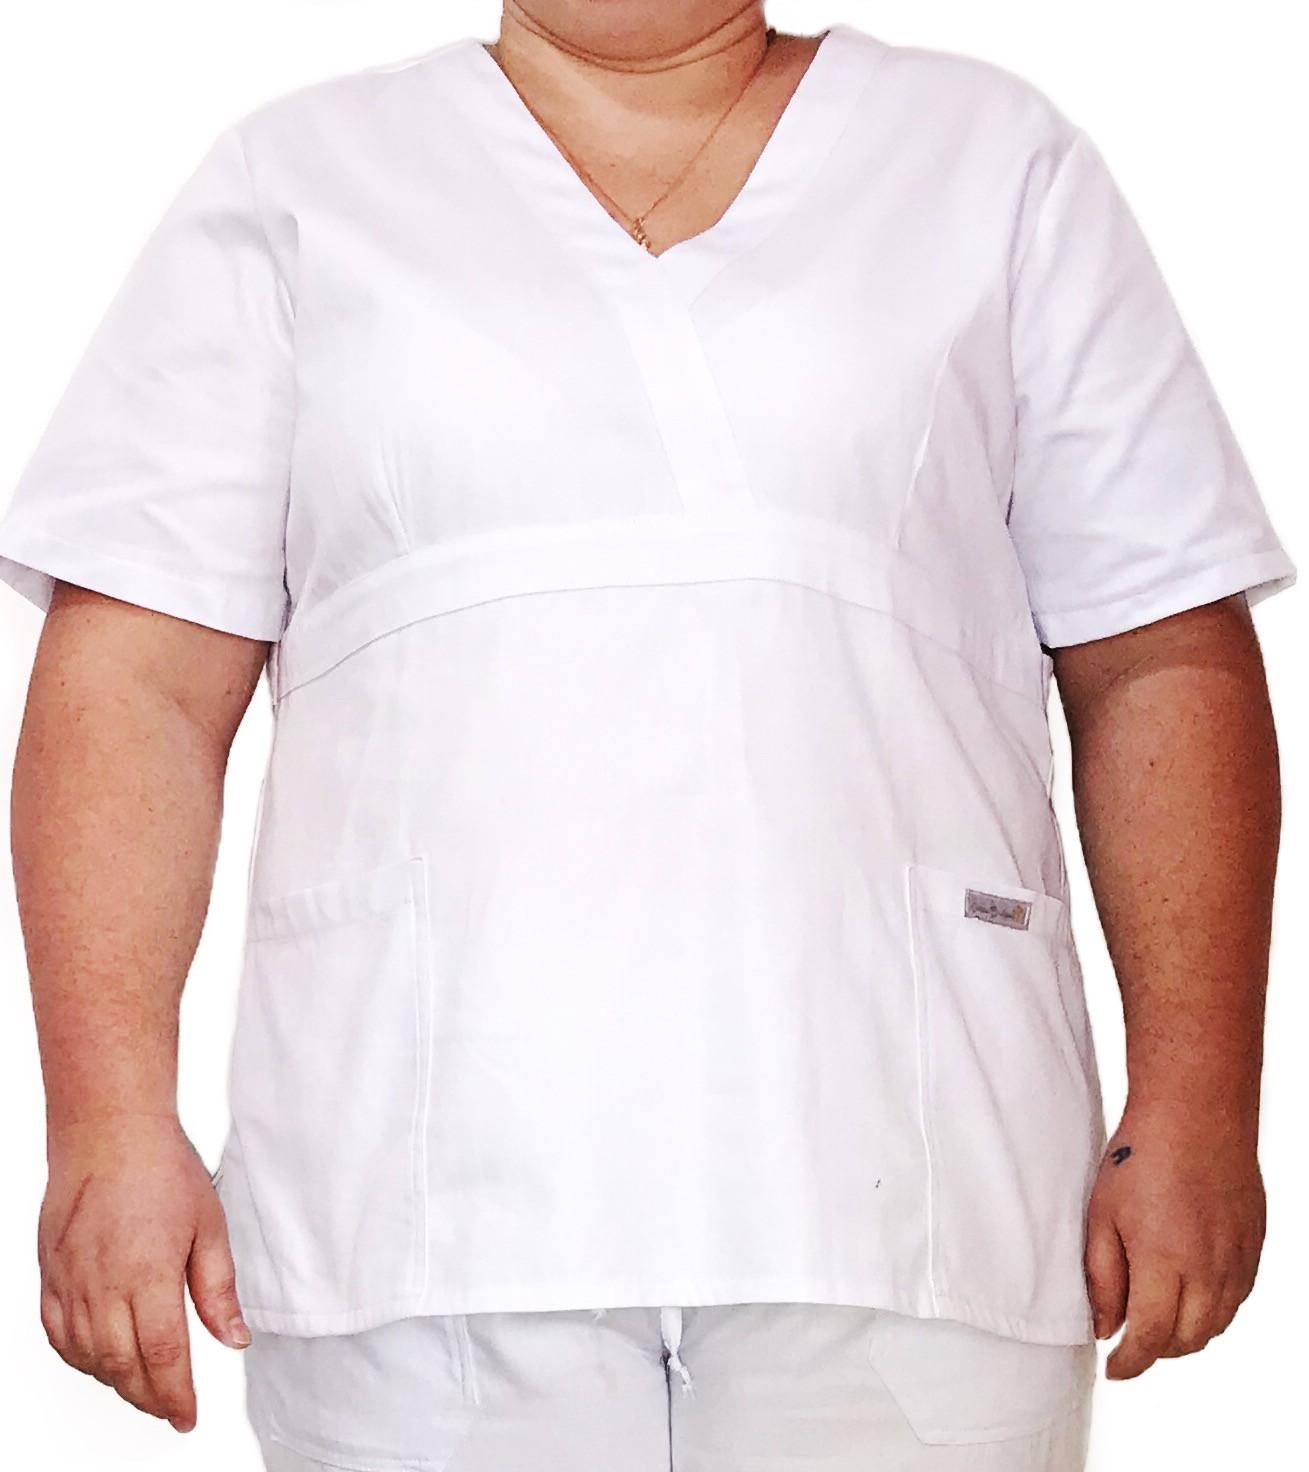 Conjunto Pijama Cirúrgico BRANCO Scrub Anatomys Feminino PLUS SIZE  Camisa e Calça com Cordão Tecido Microfibra 100% Poliéster